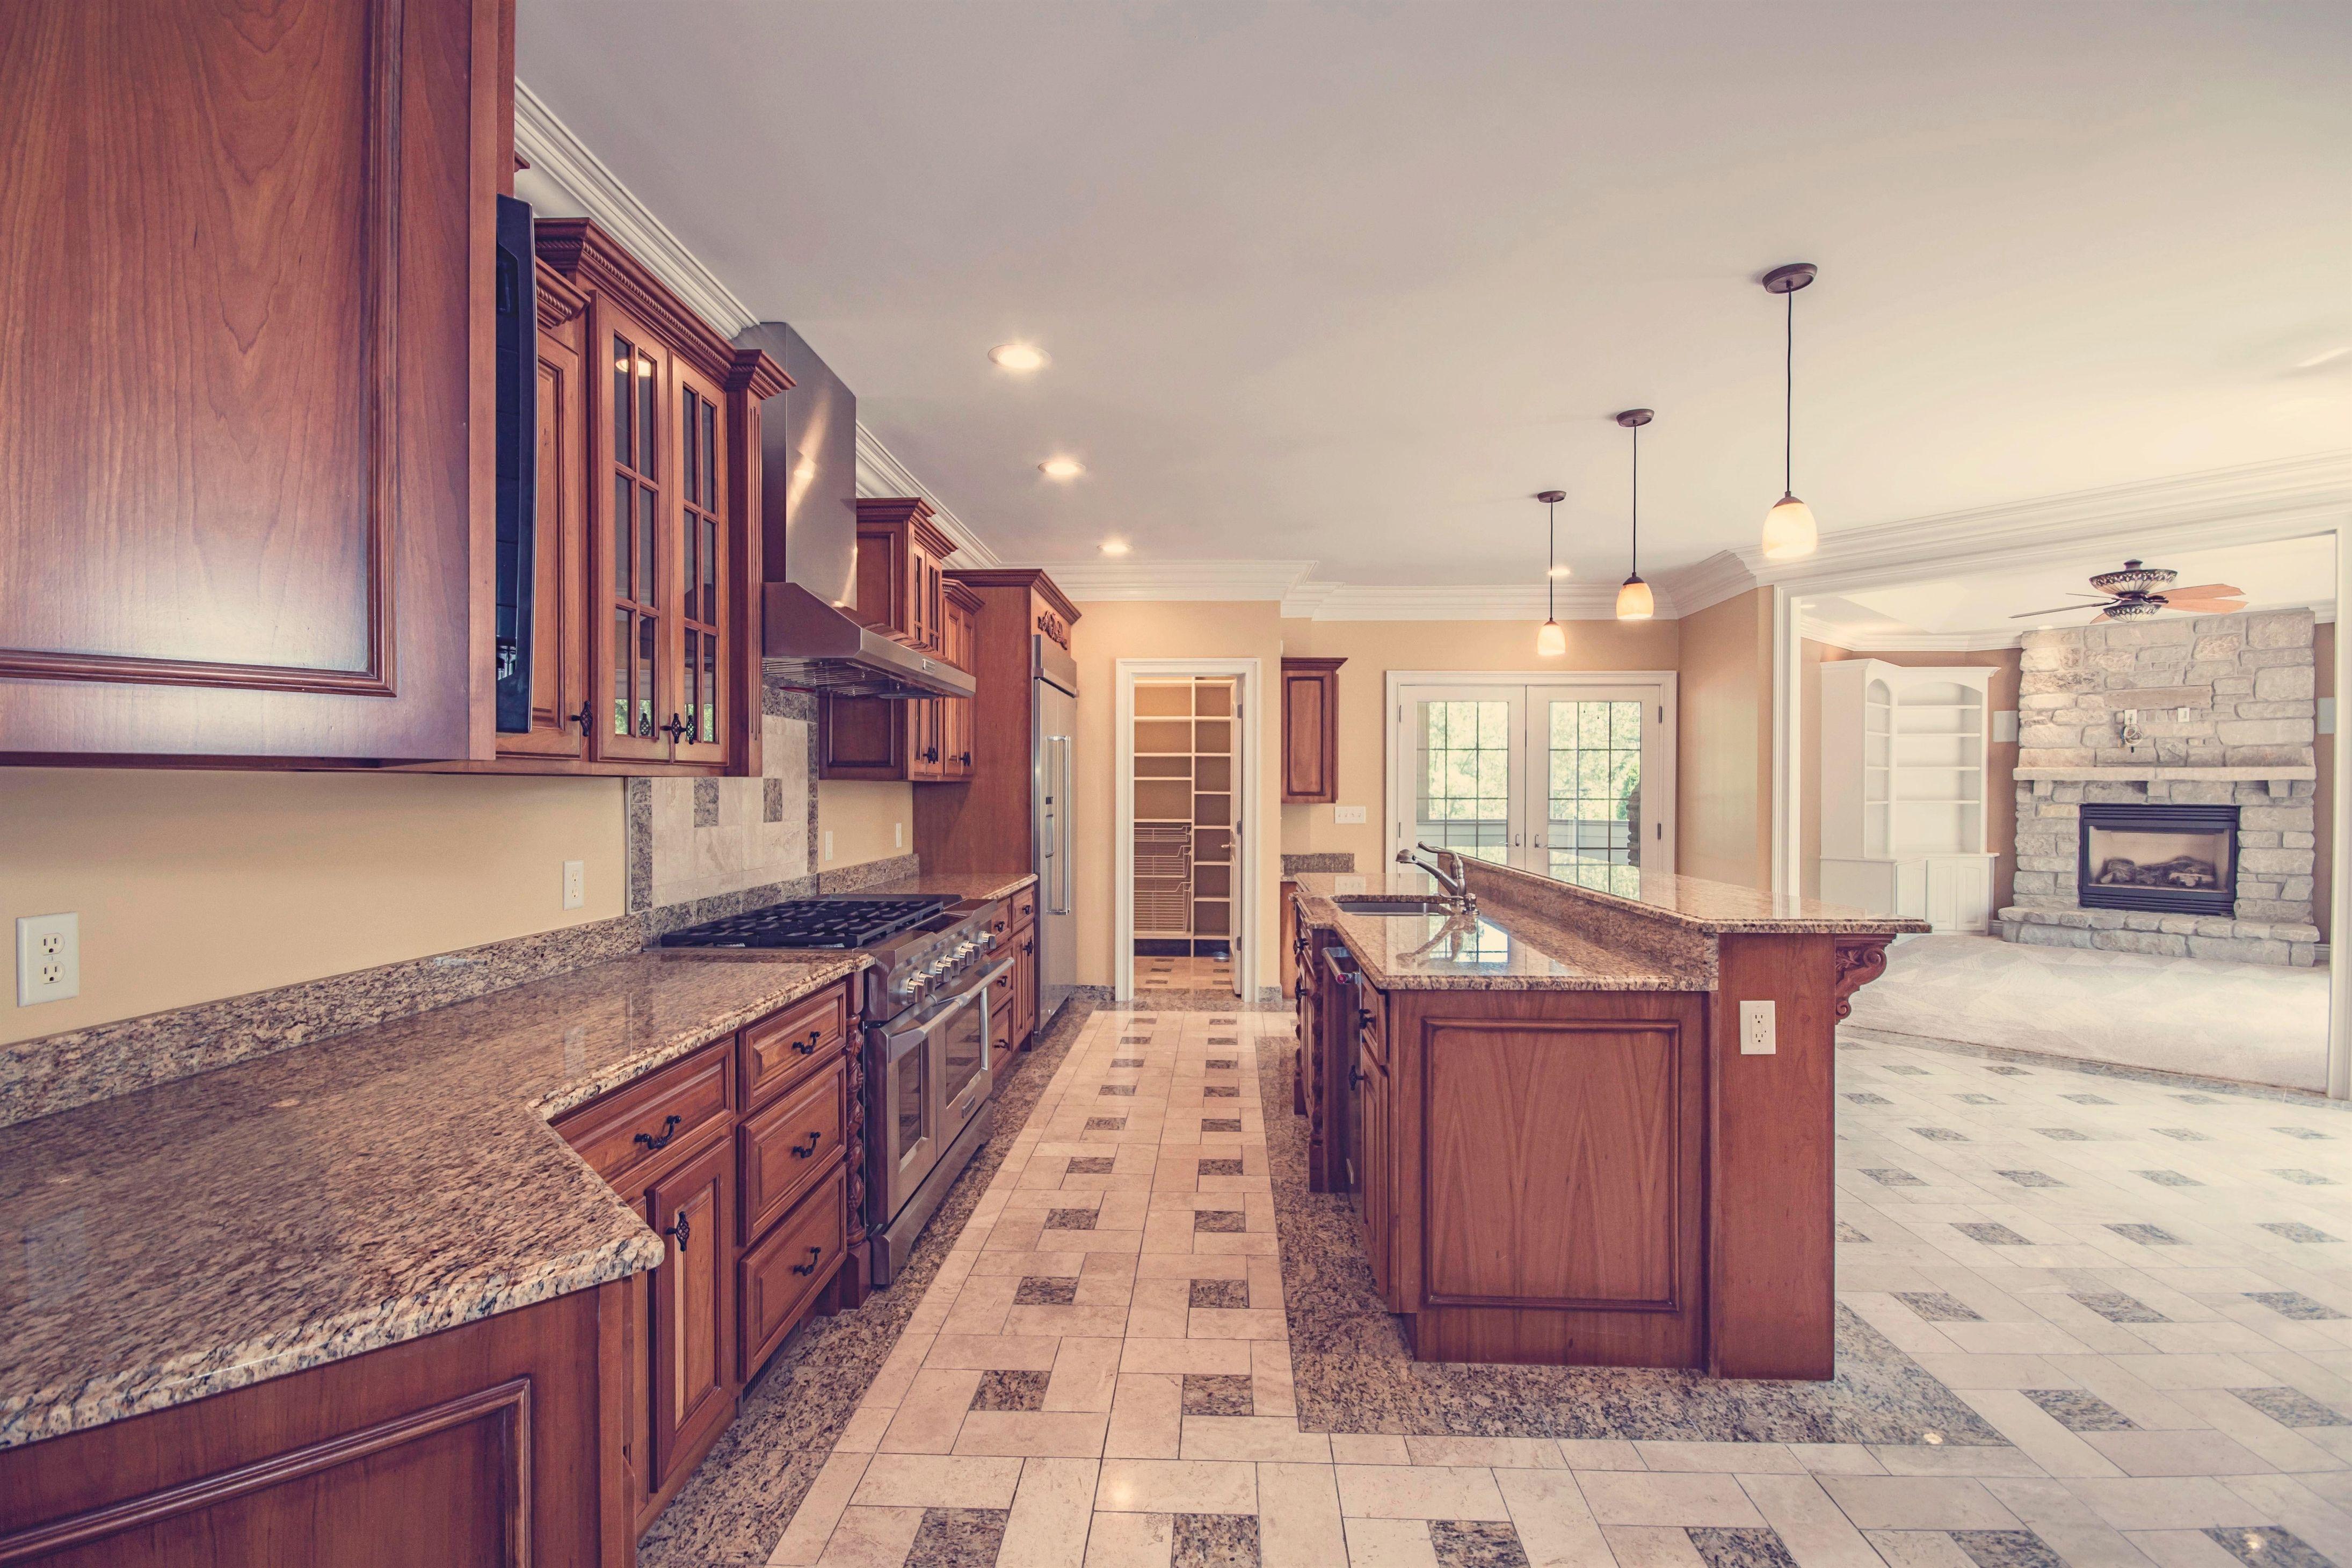 Home Decor And More 54 20190321125514 62 Home Decor